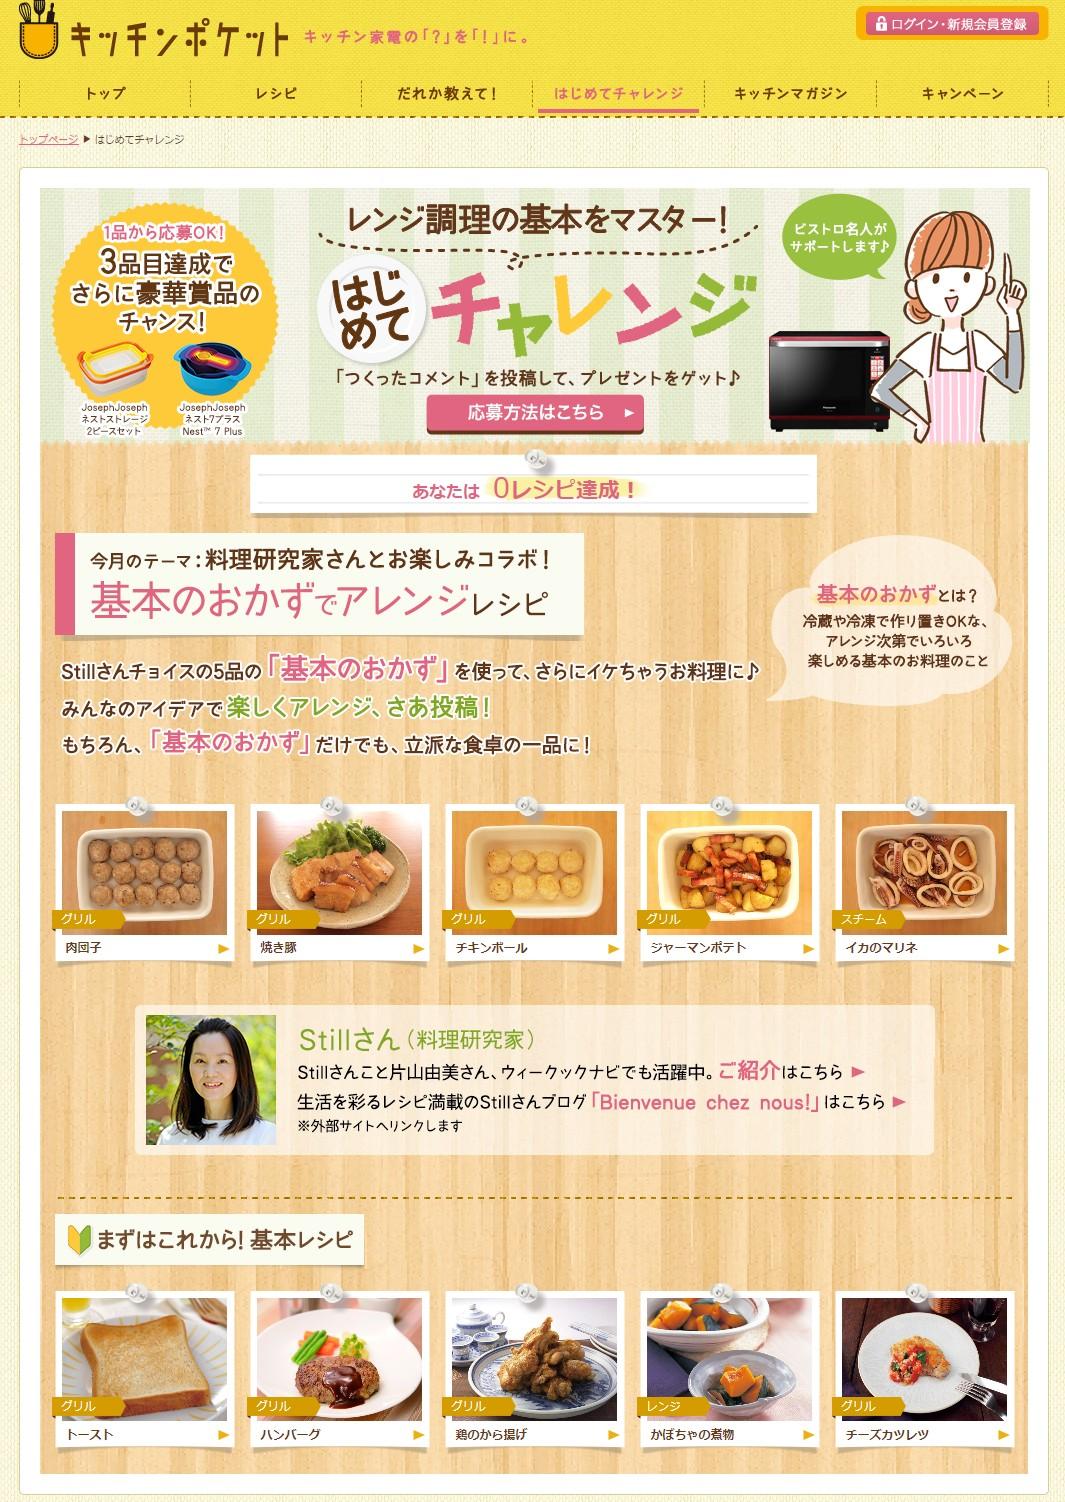 「基本のおかずでアレンジレシピ」写真投稿キャンペーン実施中【キッチンポケット】